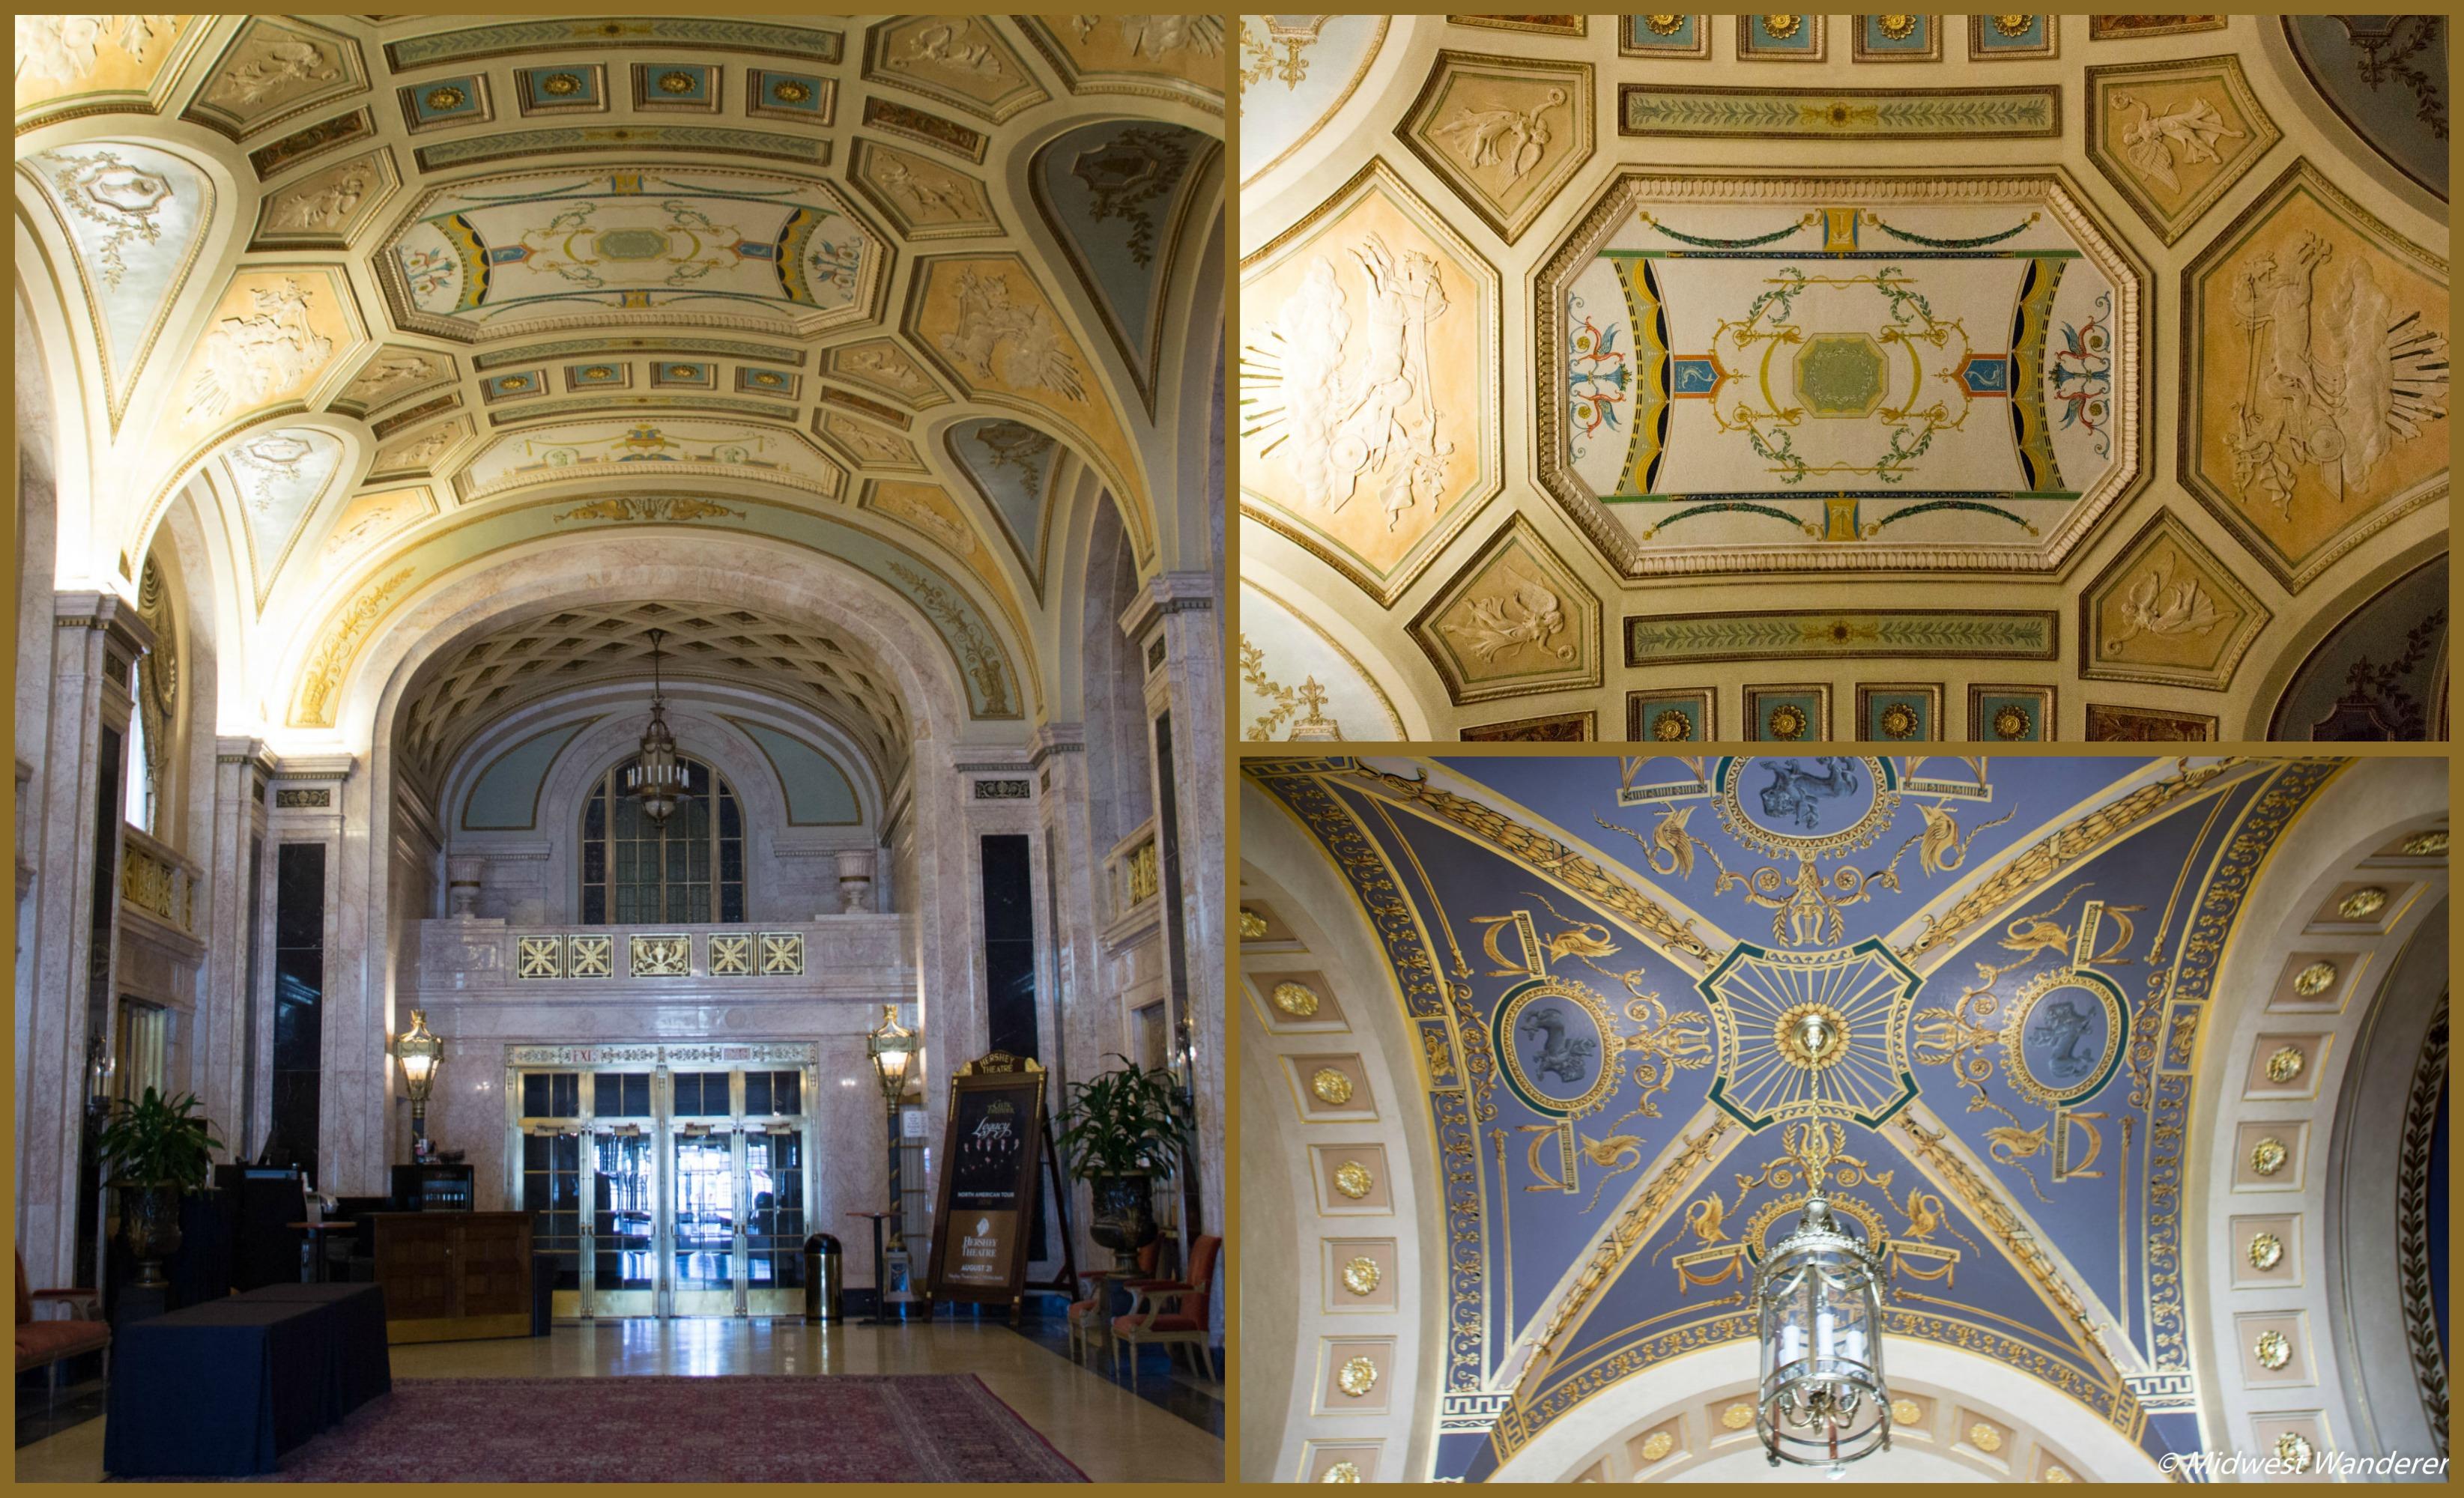 Hershey Theatre Grand Lobby